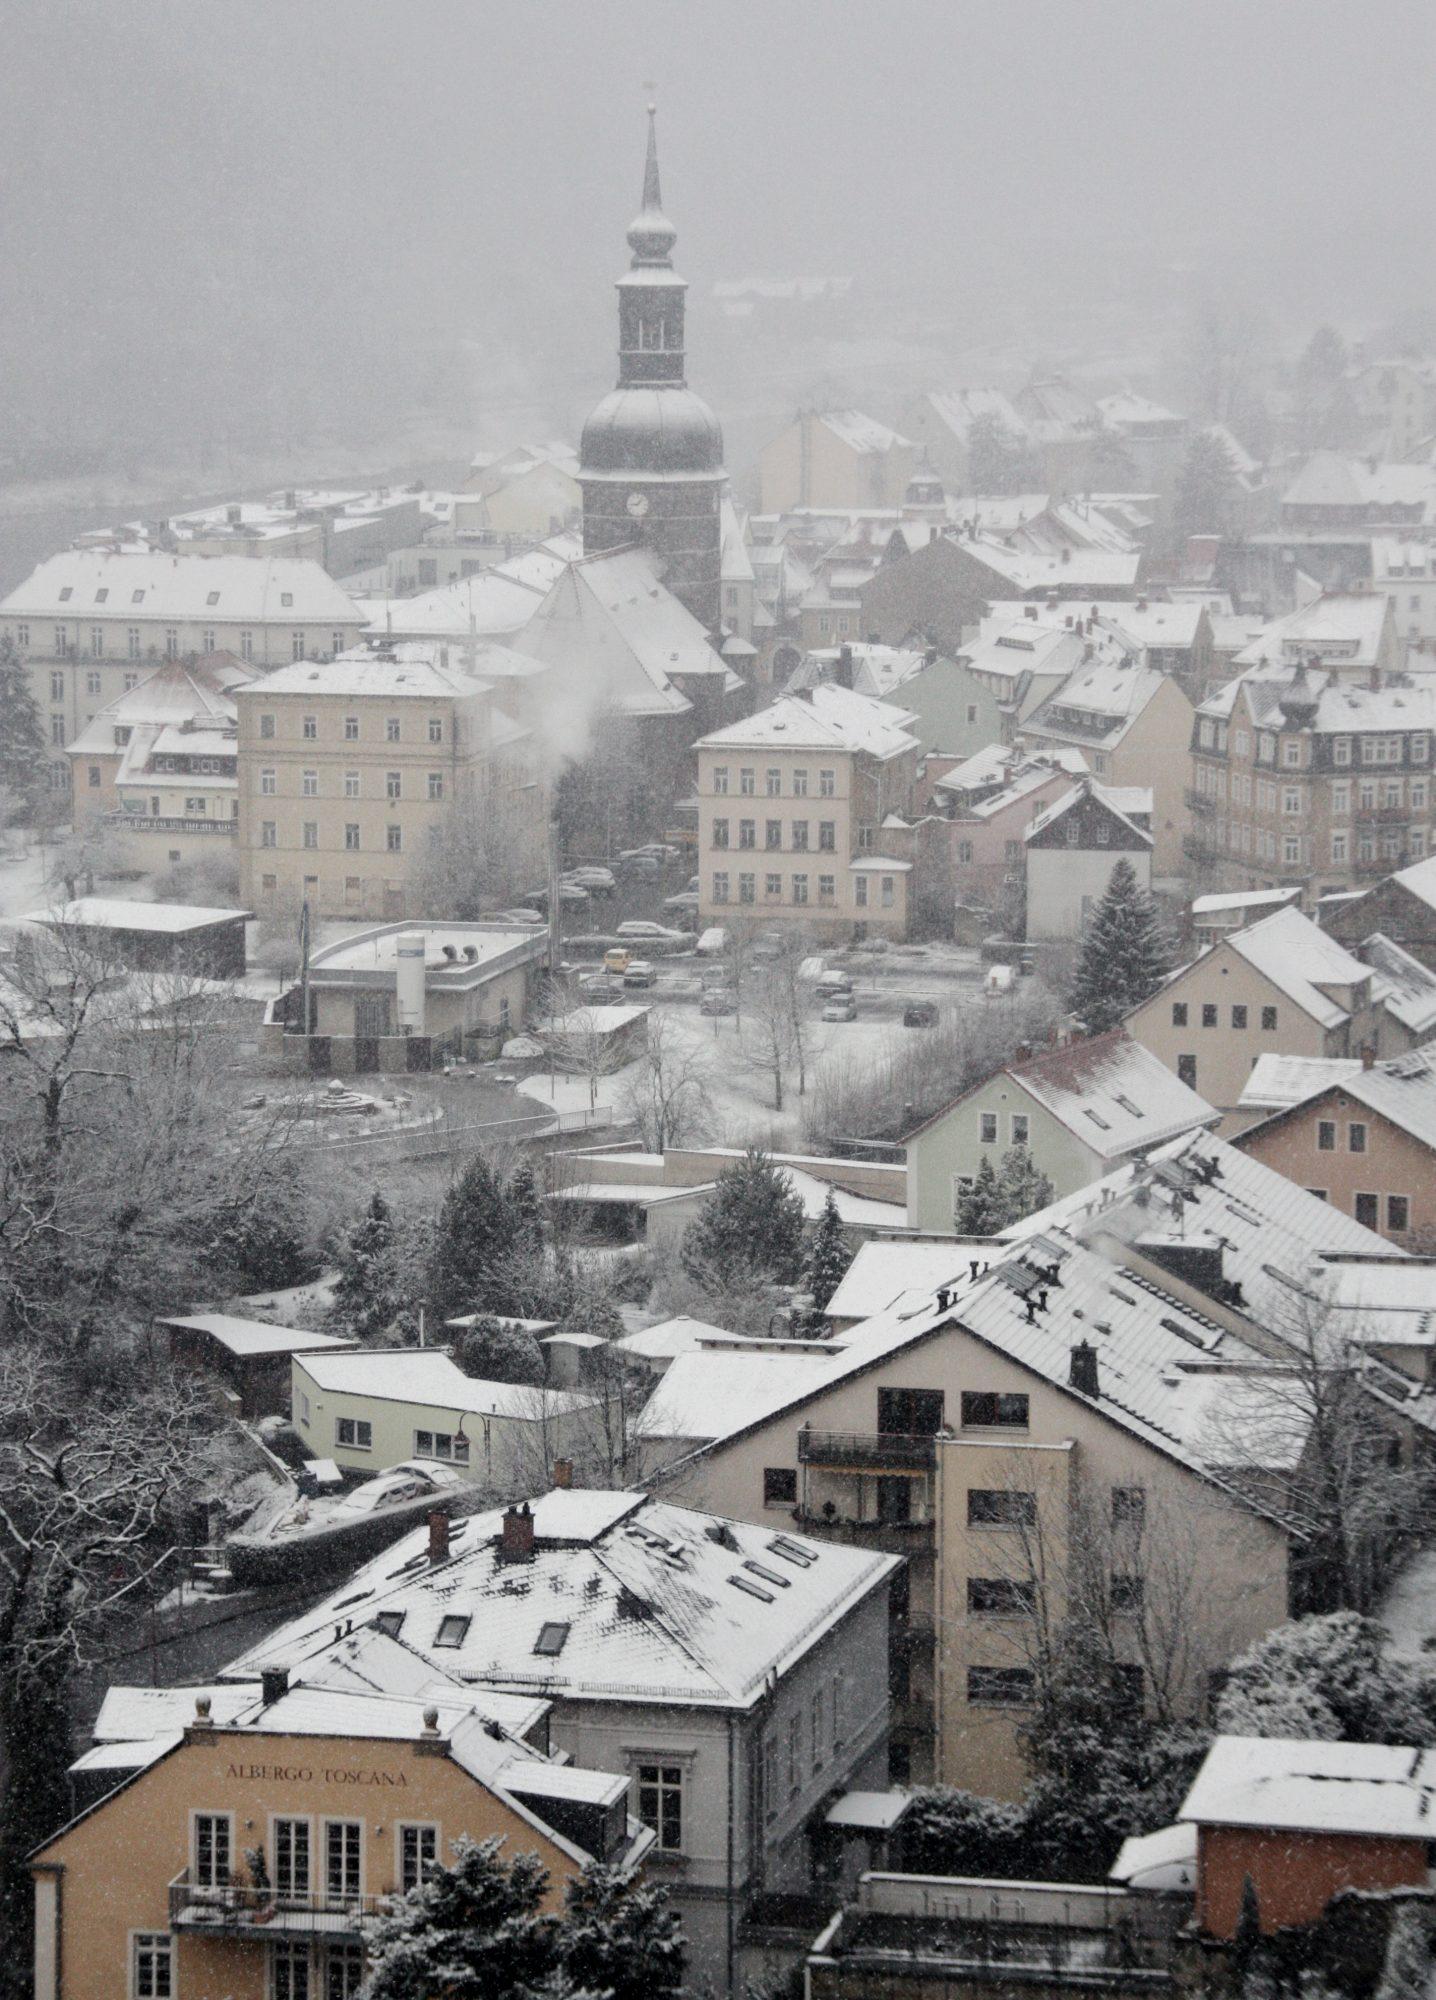 Elbsandsteingebirge, Sächsische Schweiz, Wandern, Wandertour, aufzug Bad Schandau